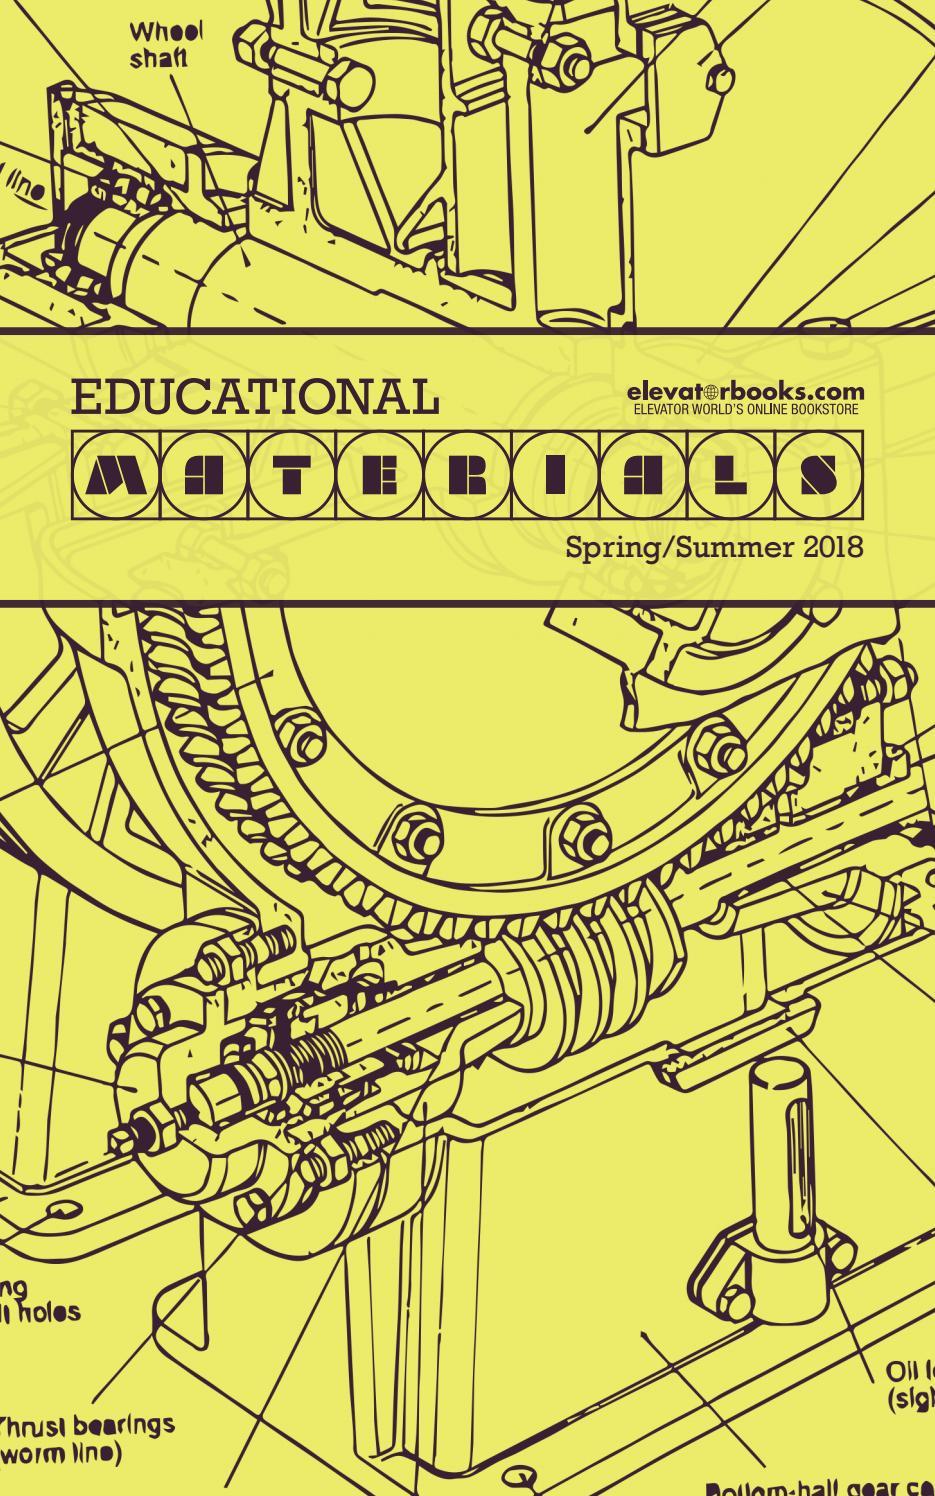 ELEVATOR WORLD | Educational Materials | Spring/Summer 2018